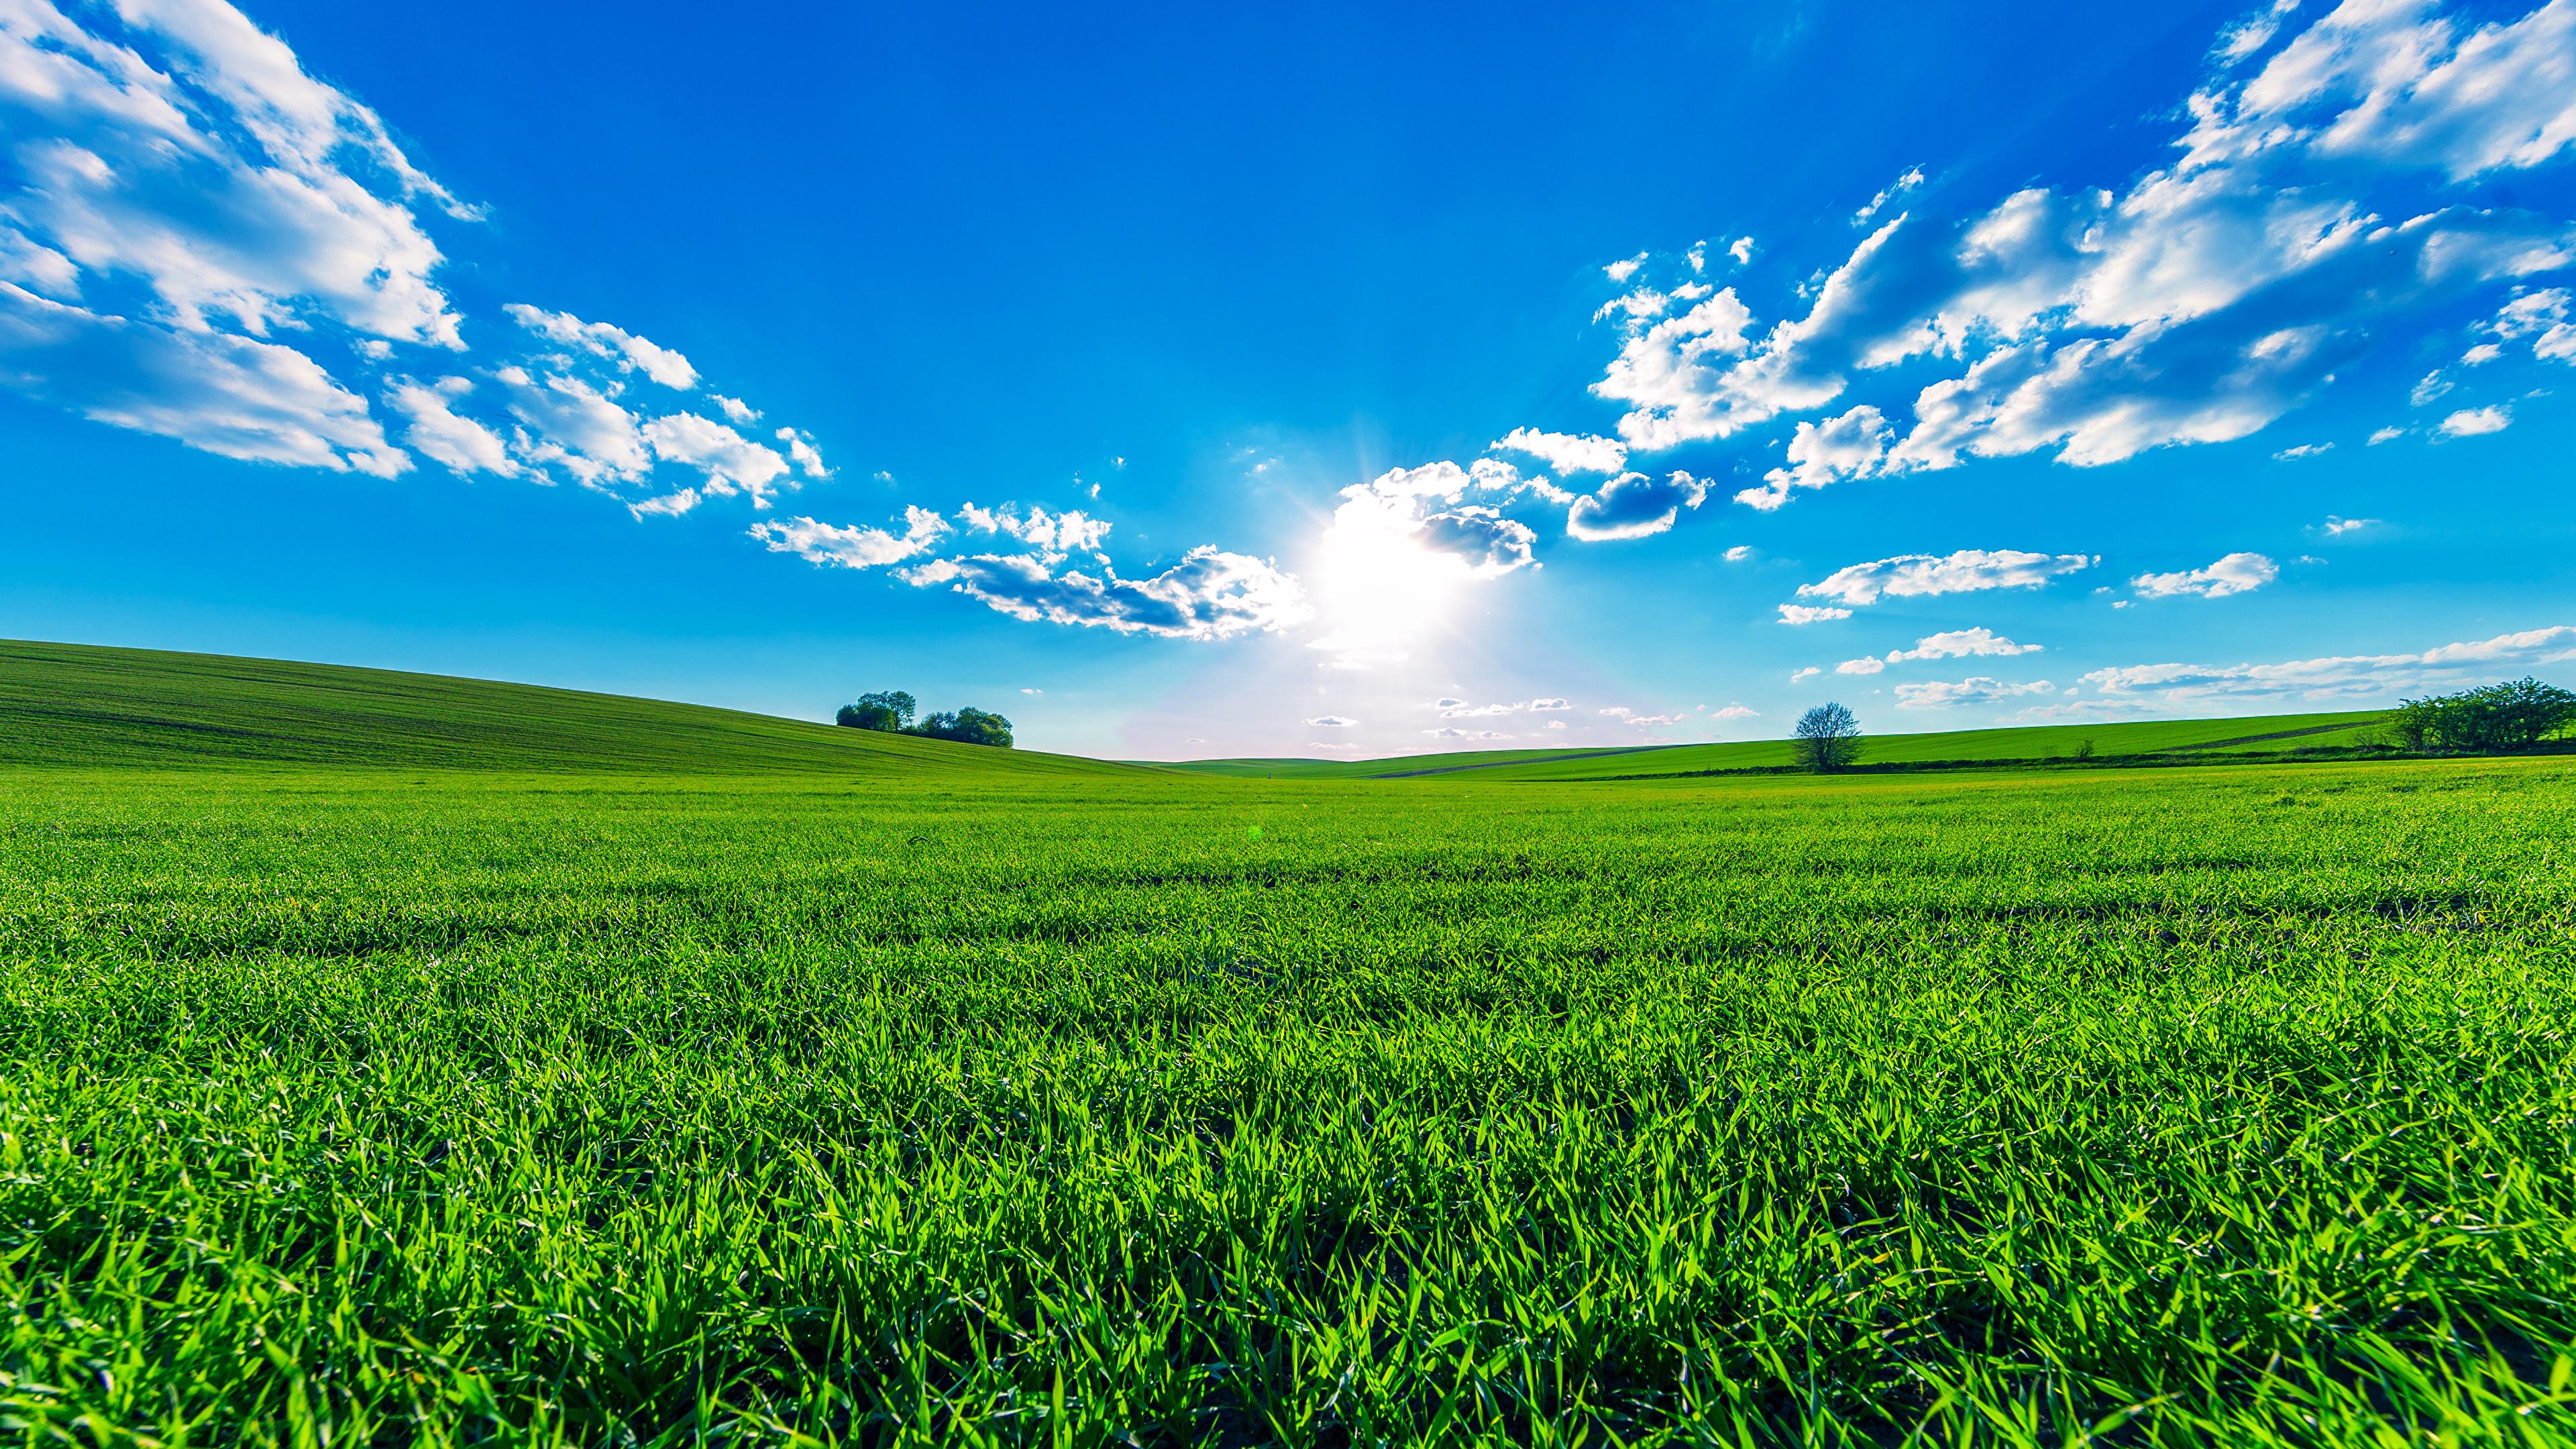 壁紙 3840x2160 風景写真 畑 空 夏 雲 自然 ダウンロード 写真